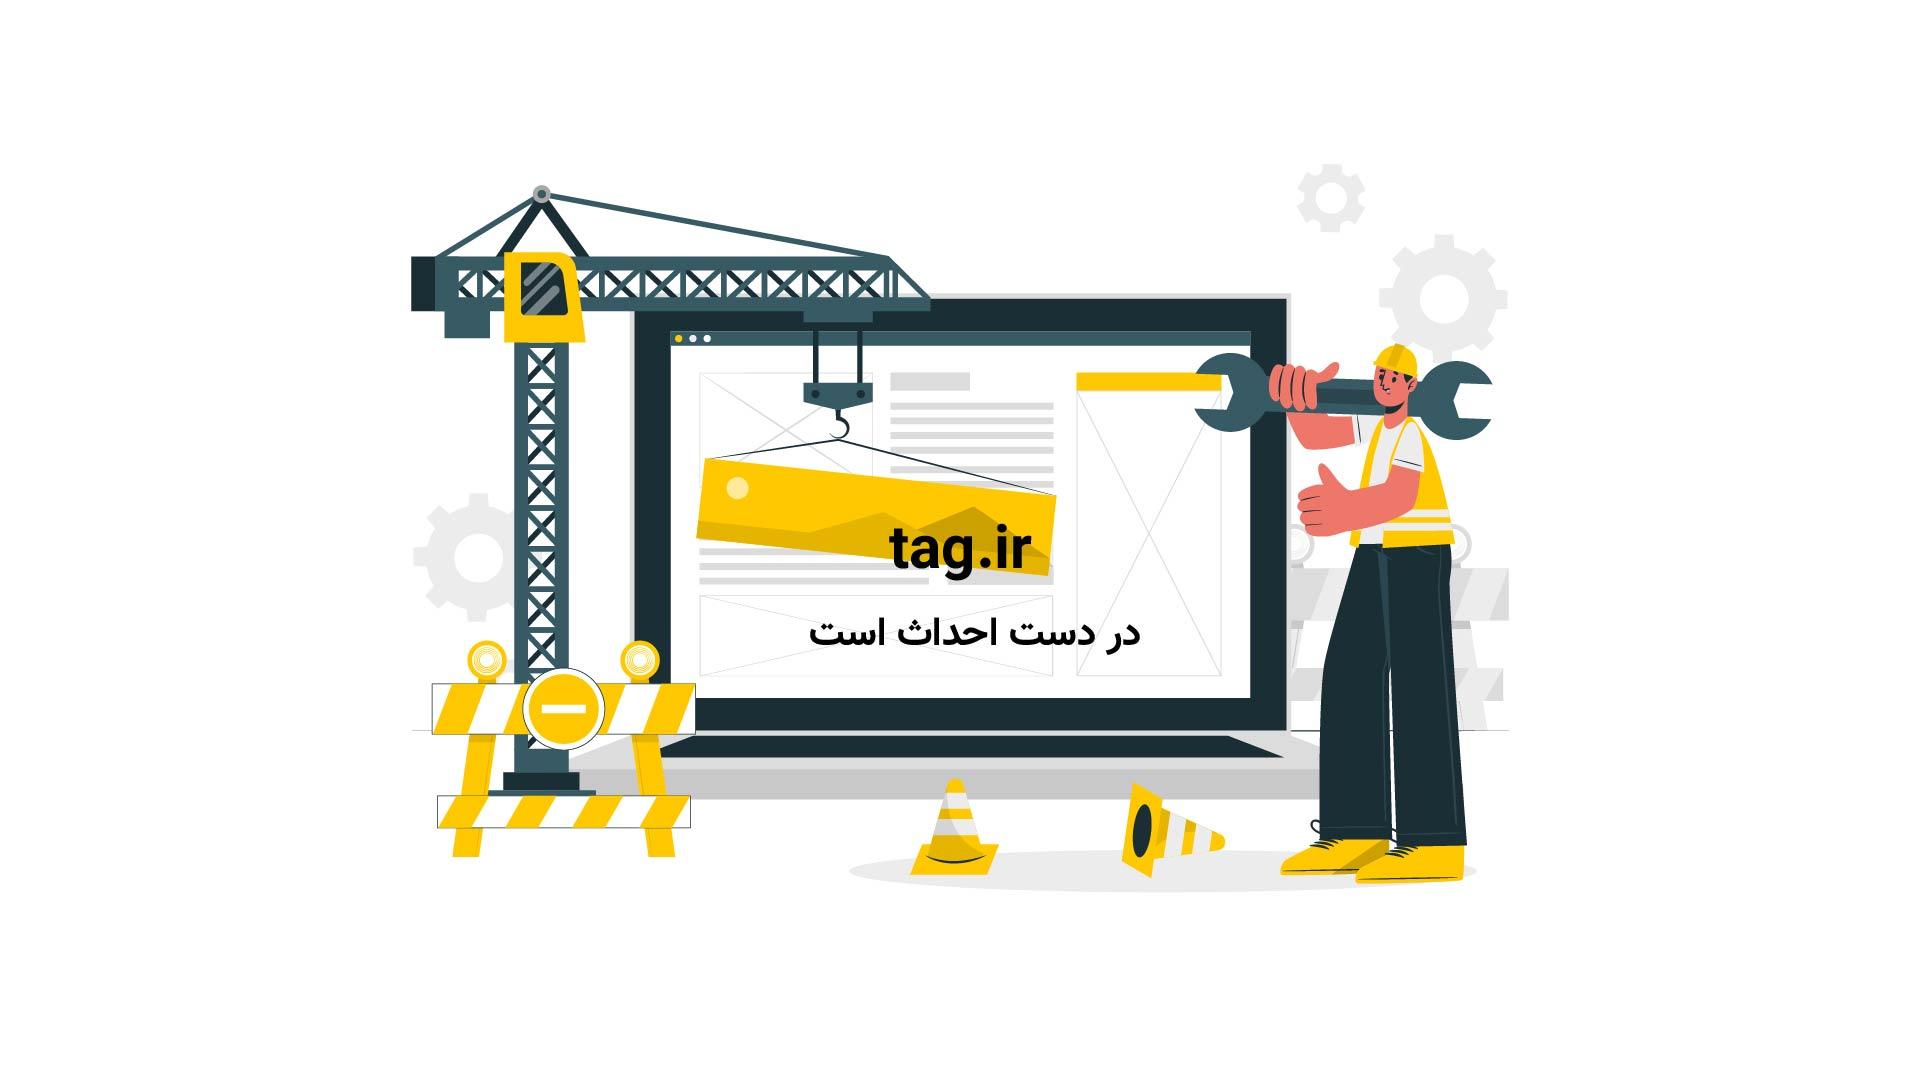 تصاویری از شهر آزاد شده المیادین و آخرین تقلای داعش | تگ